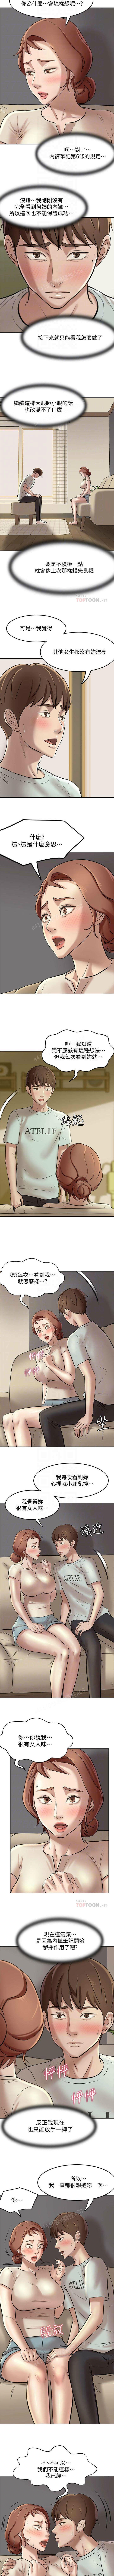 panty note 小褲褲筆記 小裤裤笔记 01-35 连载中 中文 重新排序 Reorder 45